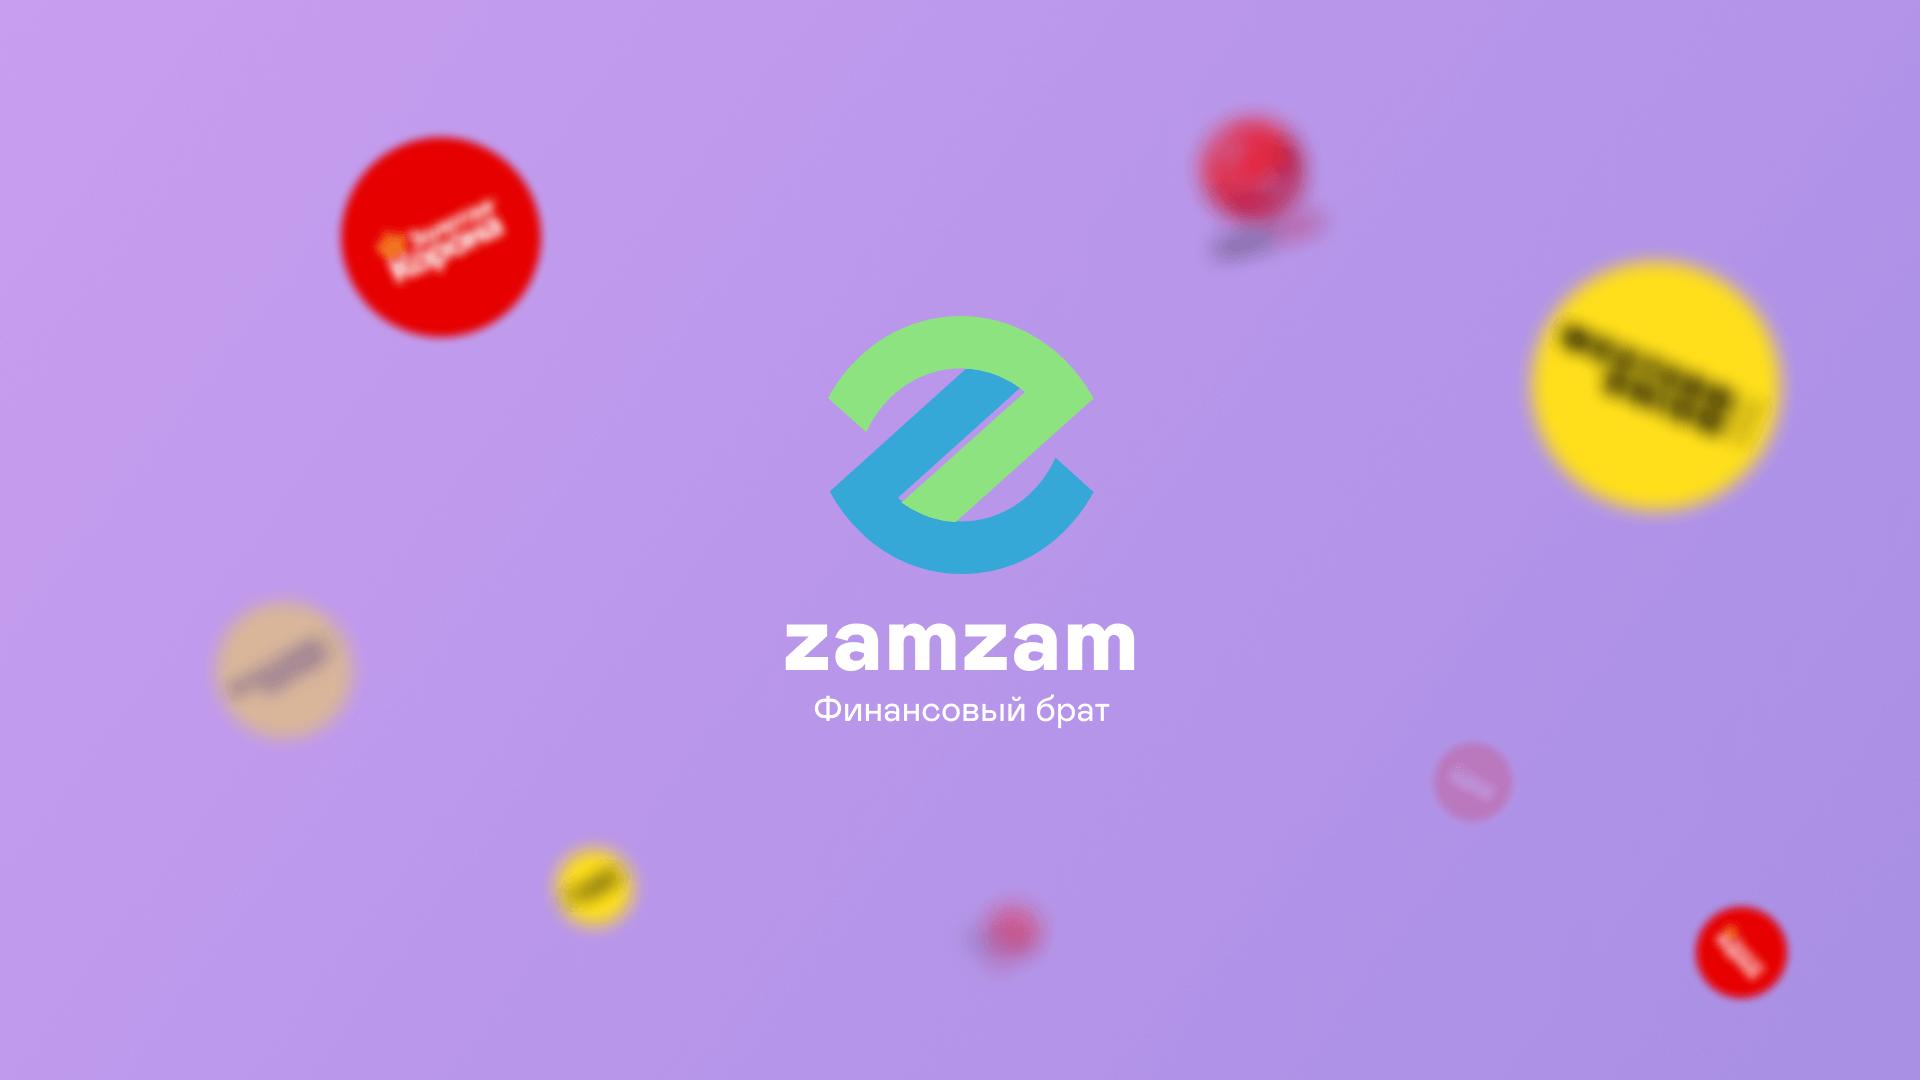 fon iz konkurentov - Конкуренция в сфере международных переводов. Чем проект Zamzam будет  отличаться?